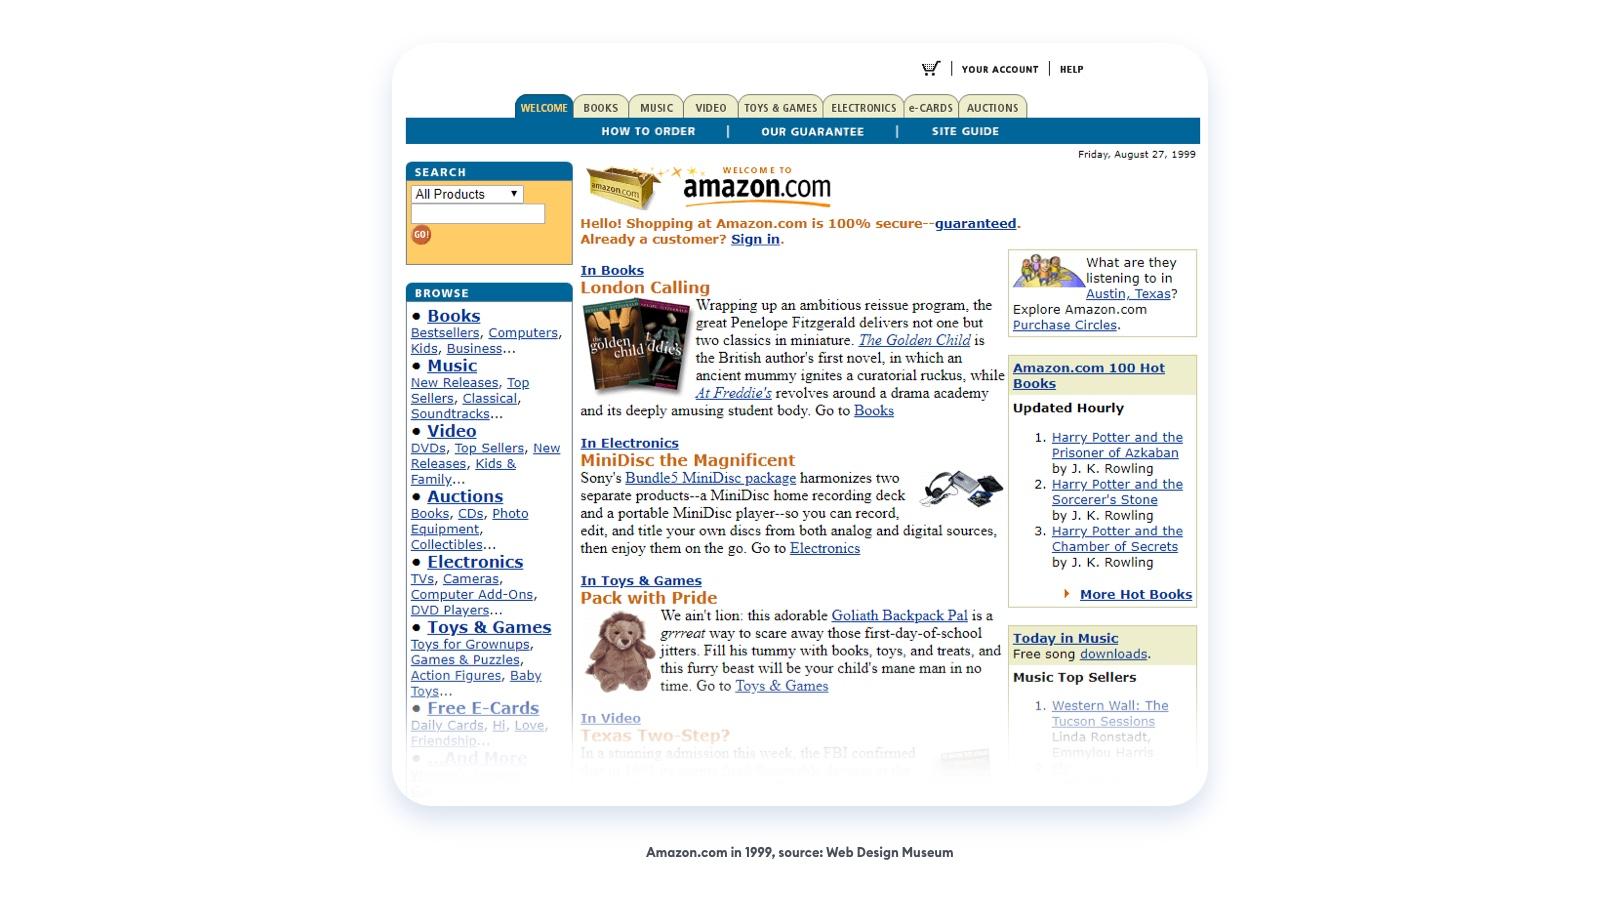 Amazon in 1999